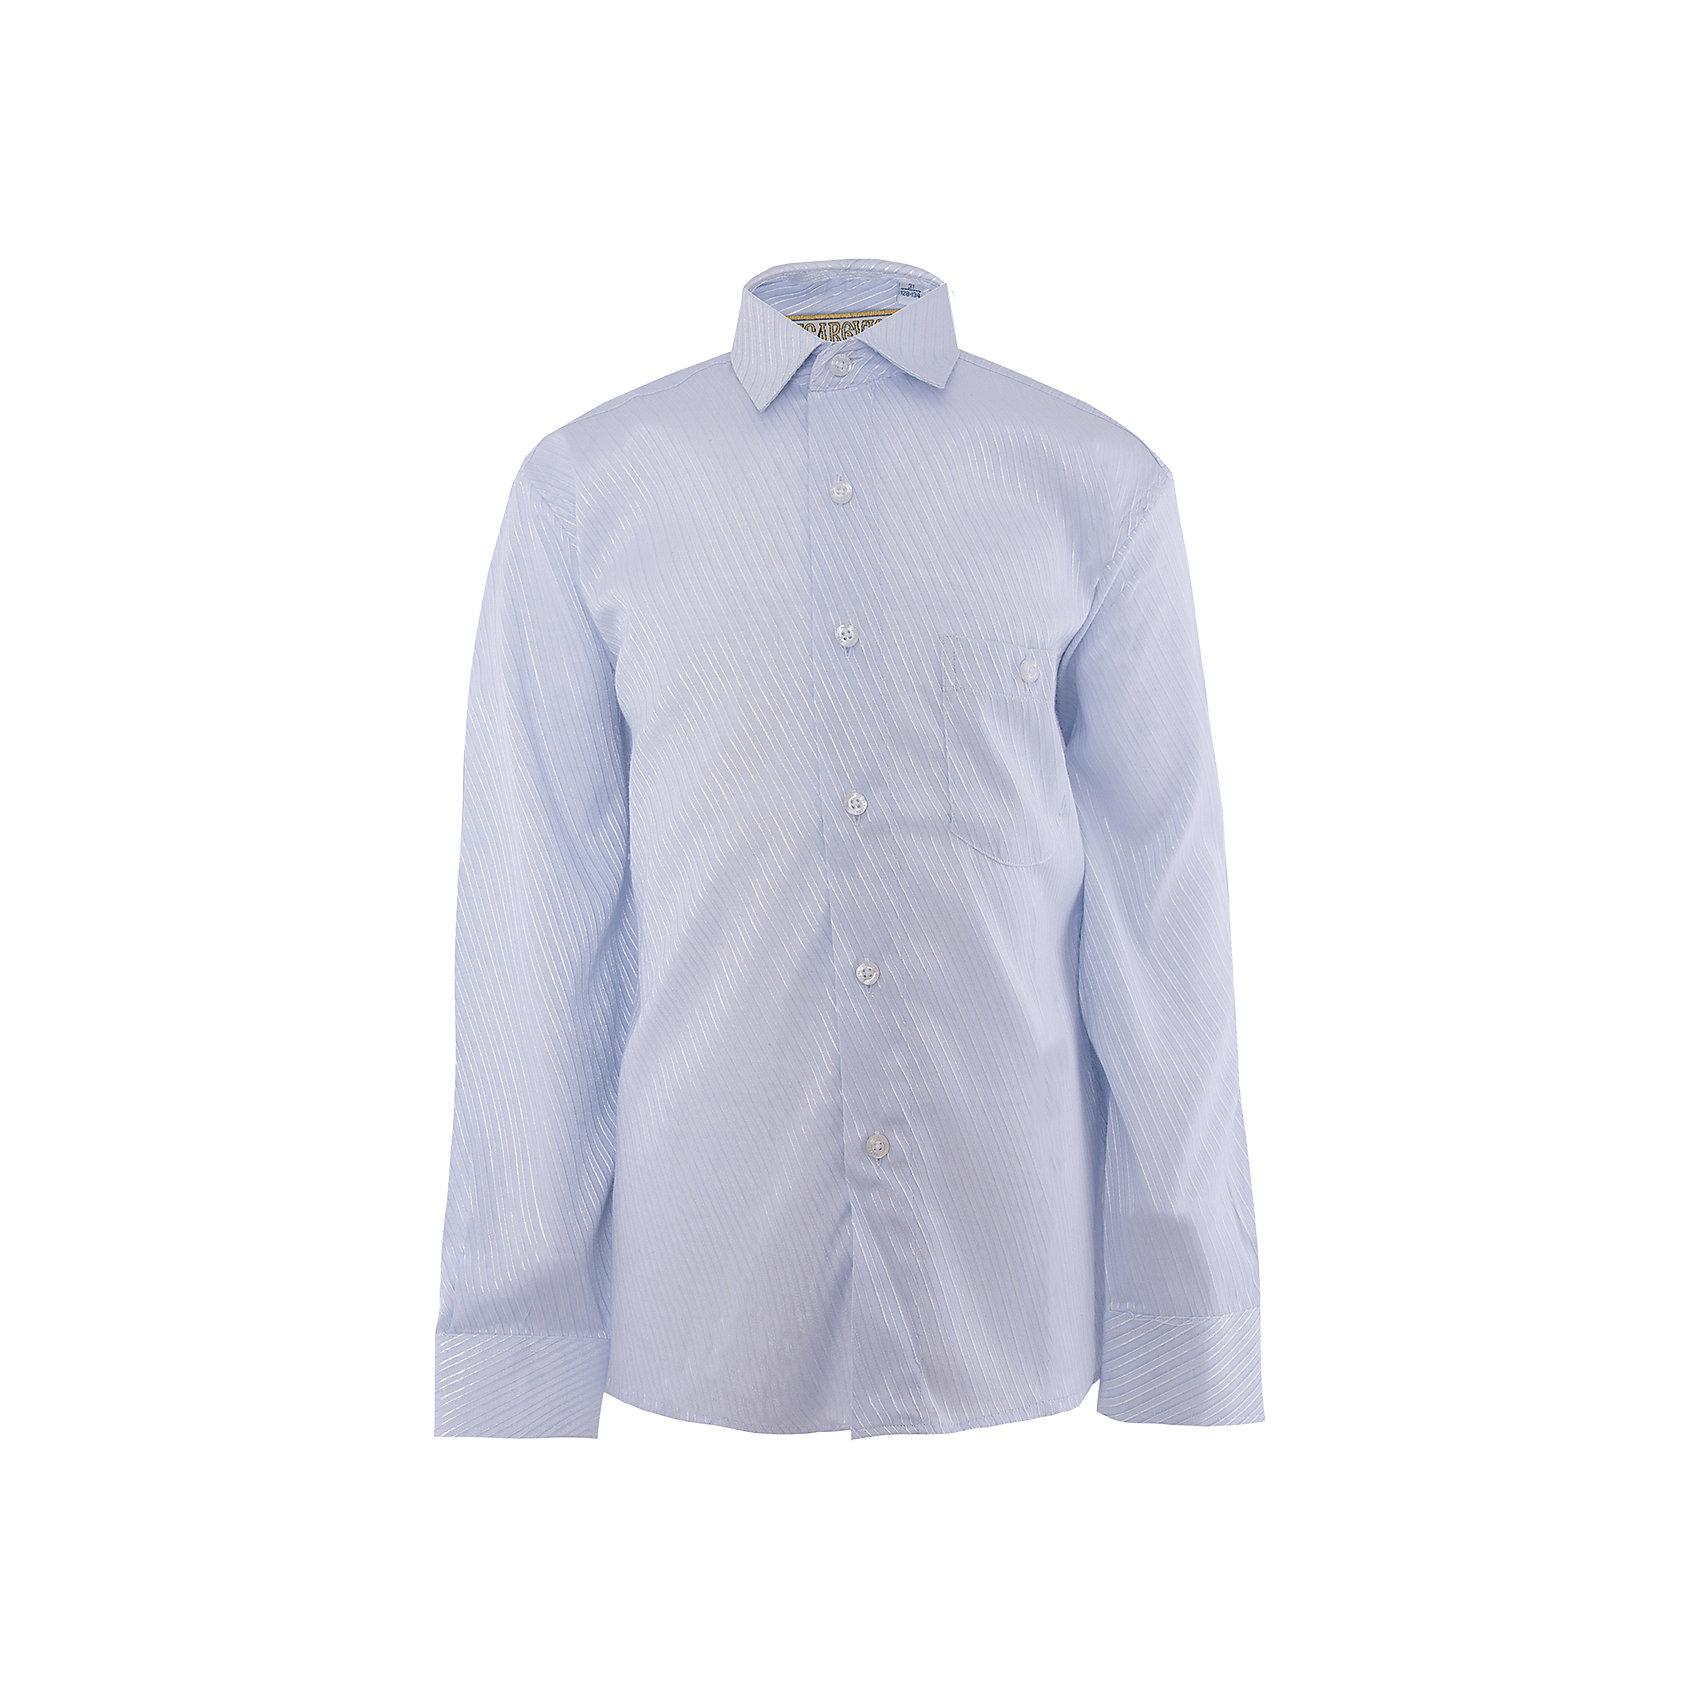 Рубашка для мальчика TsarevichБлузки и рубашки<br>Характеристики товара:<br><br>• цвет: голубой<br>• состав ткани: 65% хлопок, 35% полиэстер<br>• особенности: школьная, праздничная<br>• застежка: пуговицы<br>• рукава: длинные<br>• сезон: круглый год<br>• страна бренда: Российская Федерация<br>• страна изготовитель: Китай<br><br>Классическая сорочка для мальчика - отличный вариант практичной и стильной школьной одежды.<br><br>Классическая форма, накладной карман, воротник с отсрочкой, прямой низ, дышащая ткань с преобладанием хлопка - красиво и удобно.<br><br>Рубашку для мальчика Tsarevich (Царевич) можно купить в нашем интернет-магазине.<br><br>Ширина мм: 174<br>Глубина мм: 10<br>Высота мм: 169<br>Вес г: 157<br>Цвет: голубой<br>Возраст от месяцев: 132<br>Возраст до месяцев: 144<br>Пол: Мужской<br>Возраст: Детский<br>Размер: 146/152,122/128,140/146,158/164,146/152,128/134,134/140,152/158,152/158,164/170<br>SKU: 4295826